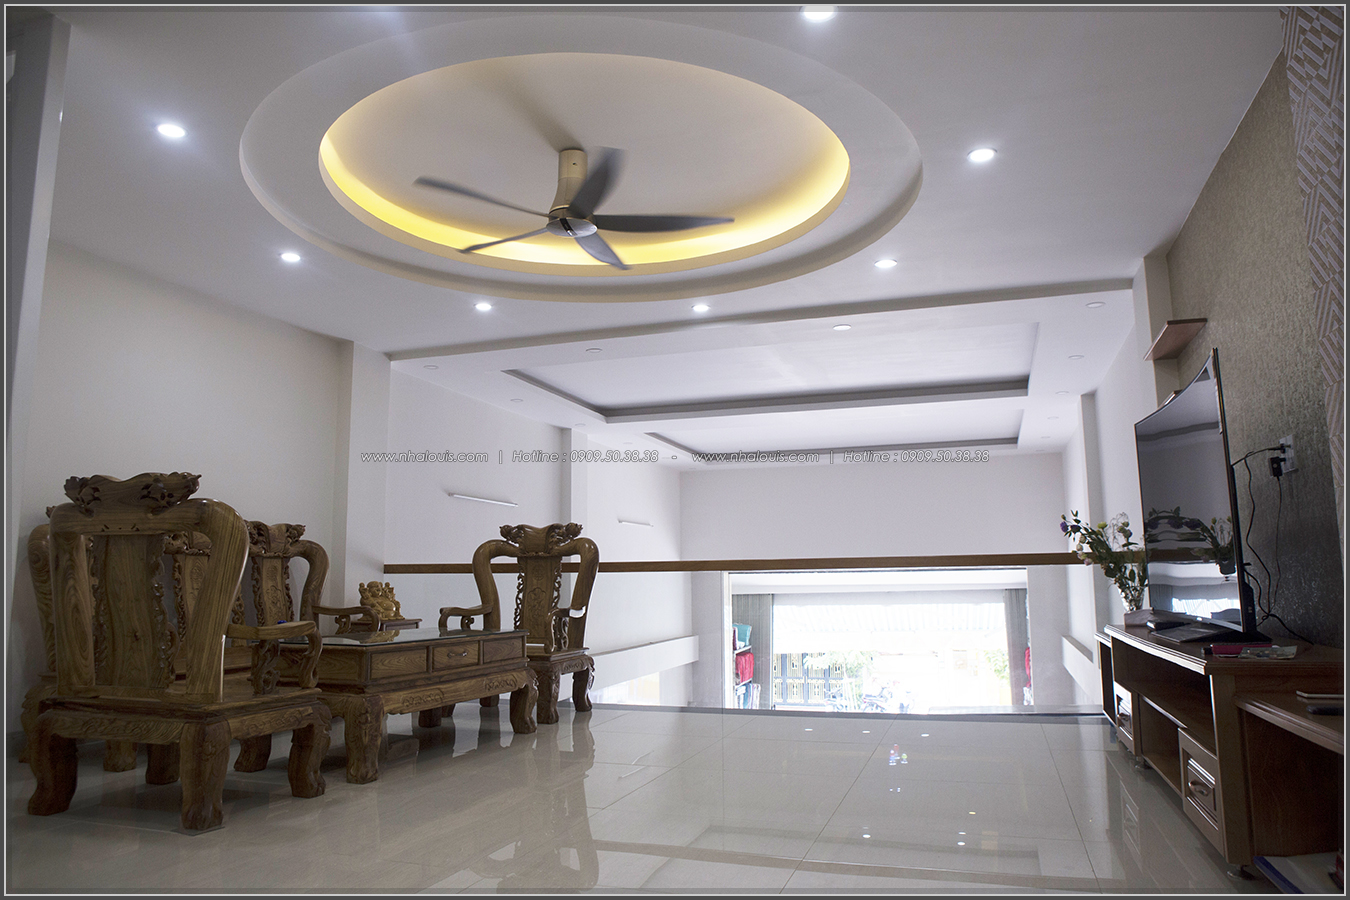 Thi công nhà đẹp 3 tầng mặt tiền 5m kết hợp kinh doanh tại quận 8 - 10